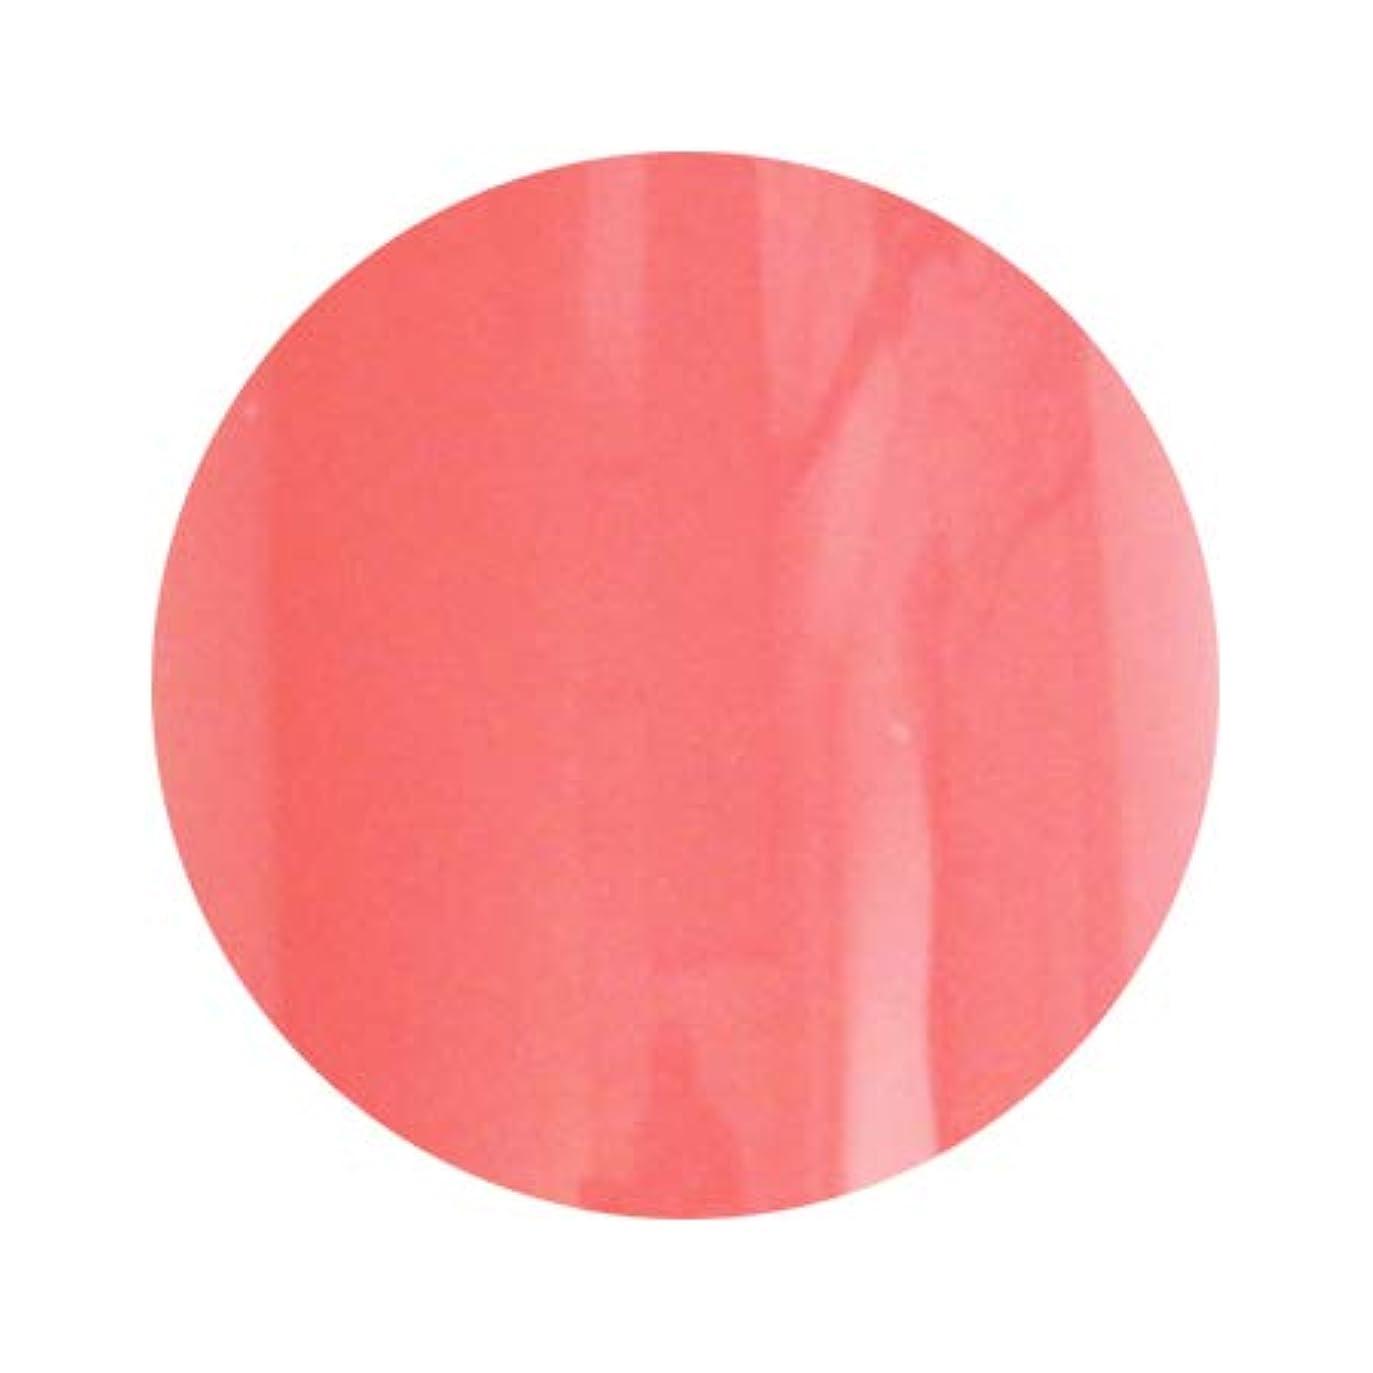 日信条ミリメートルLUCU GEL ルクジェル カラー ORM05 コーラル 3.5g